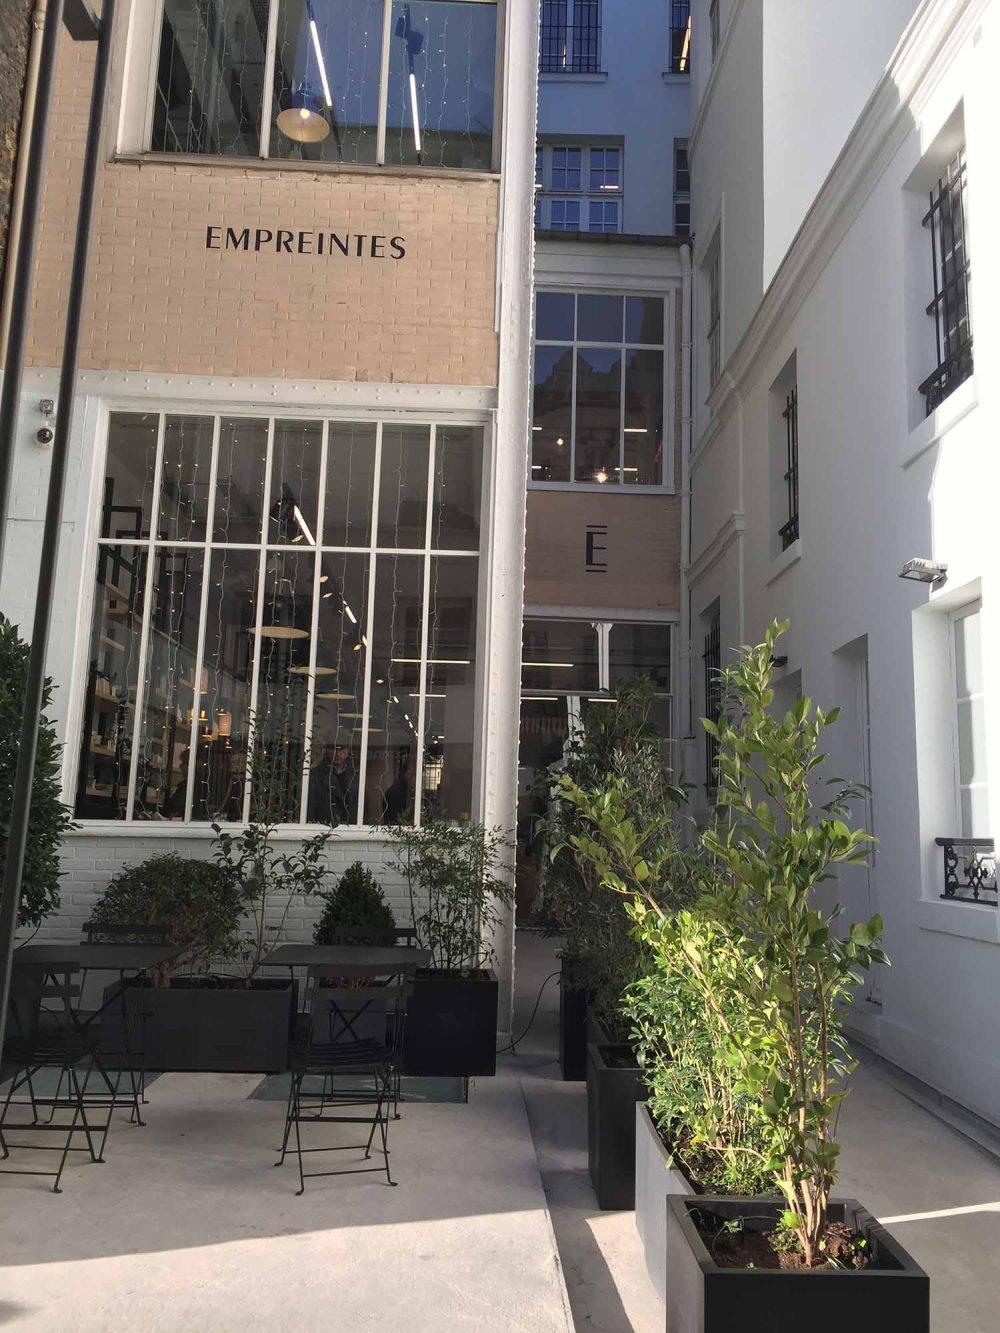 empreintes-building